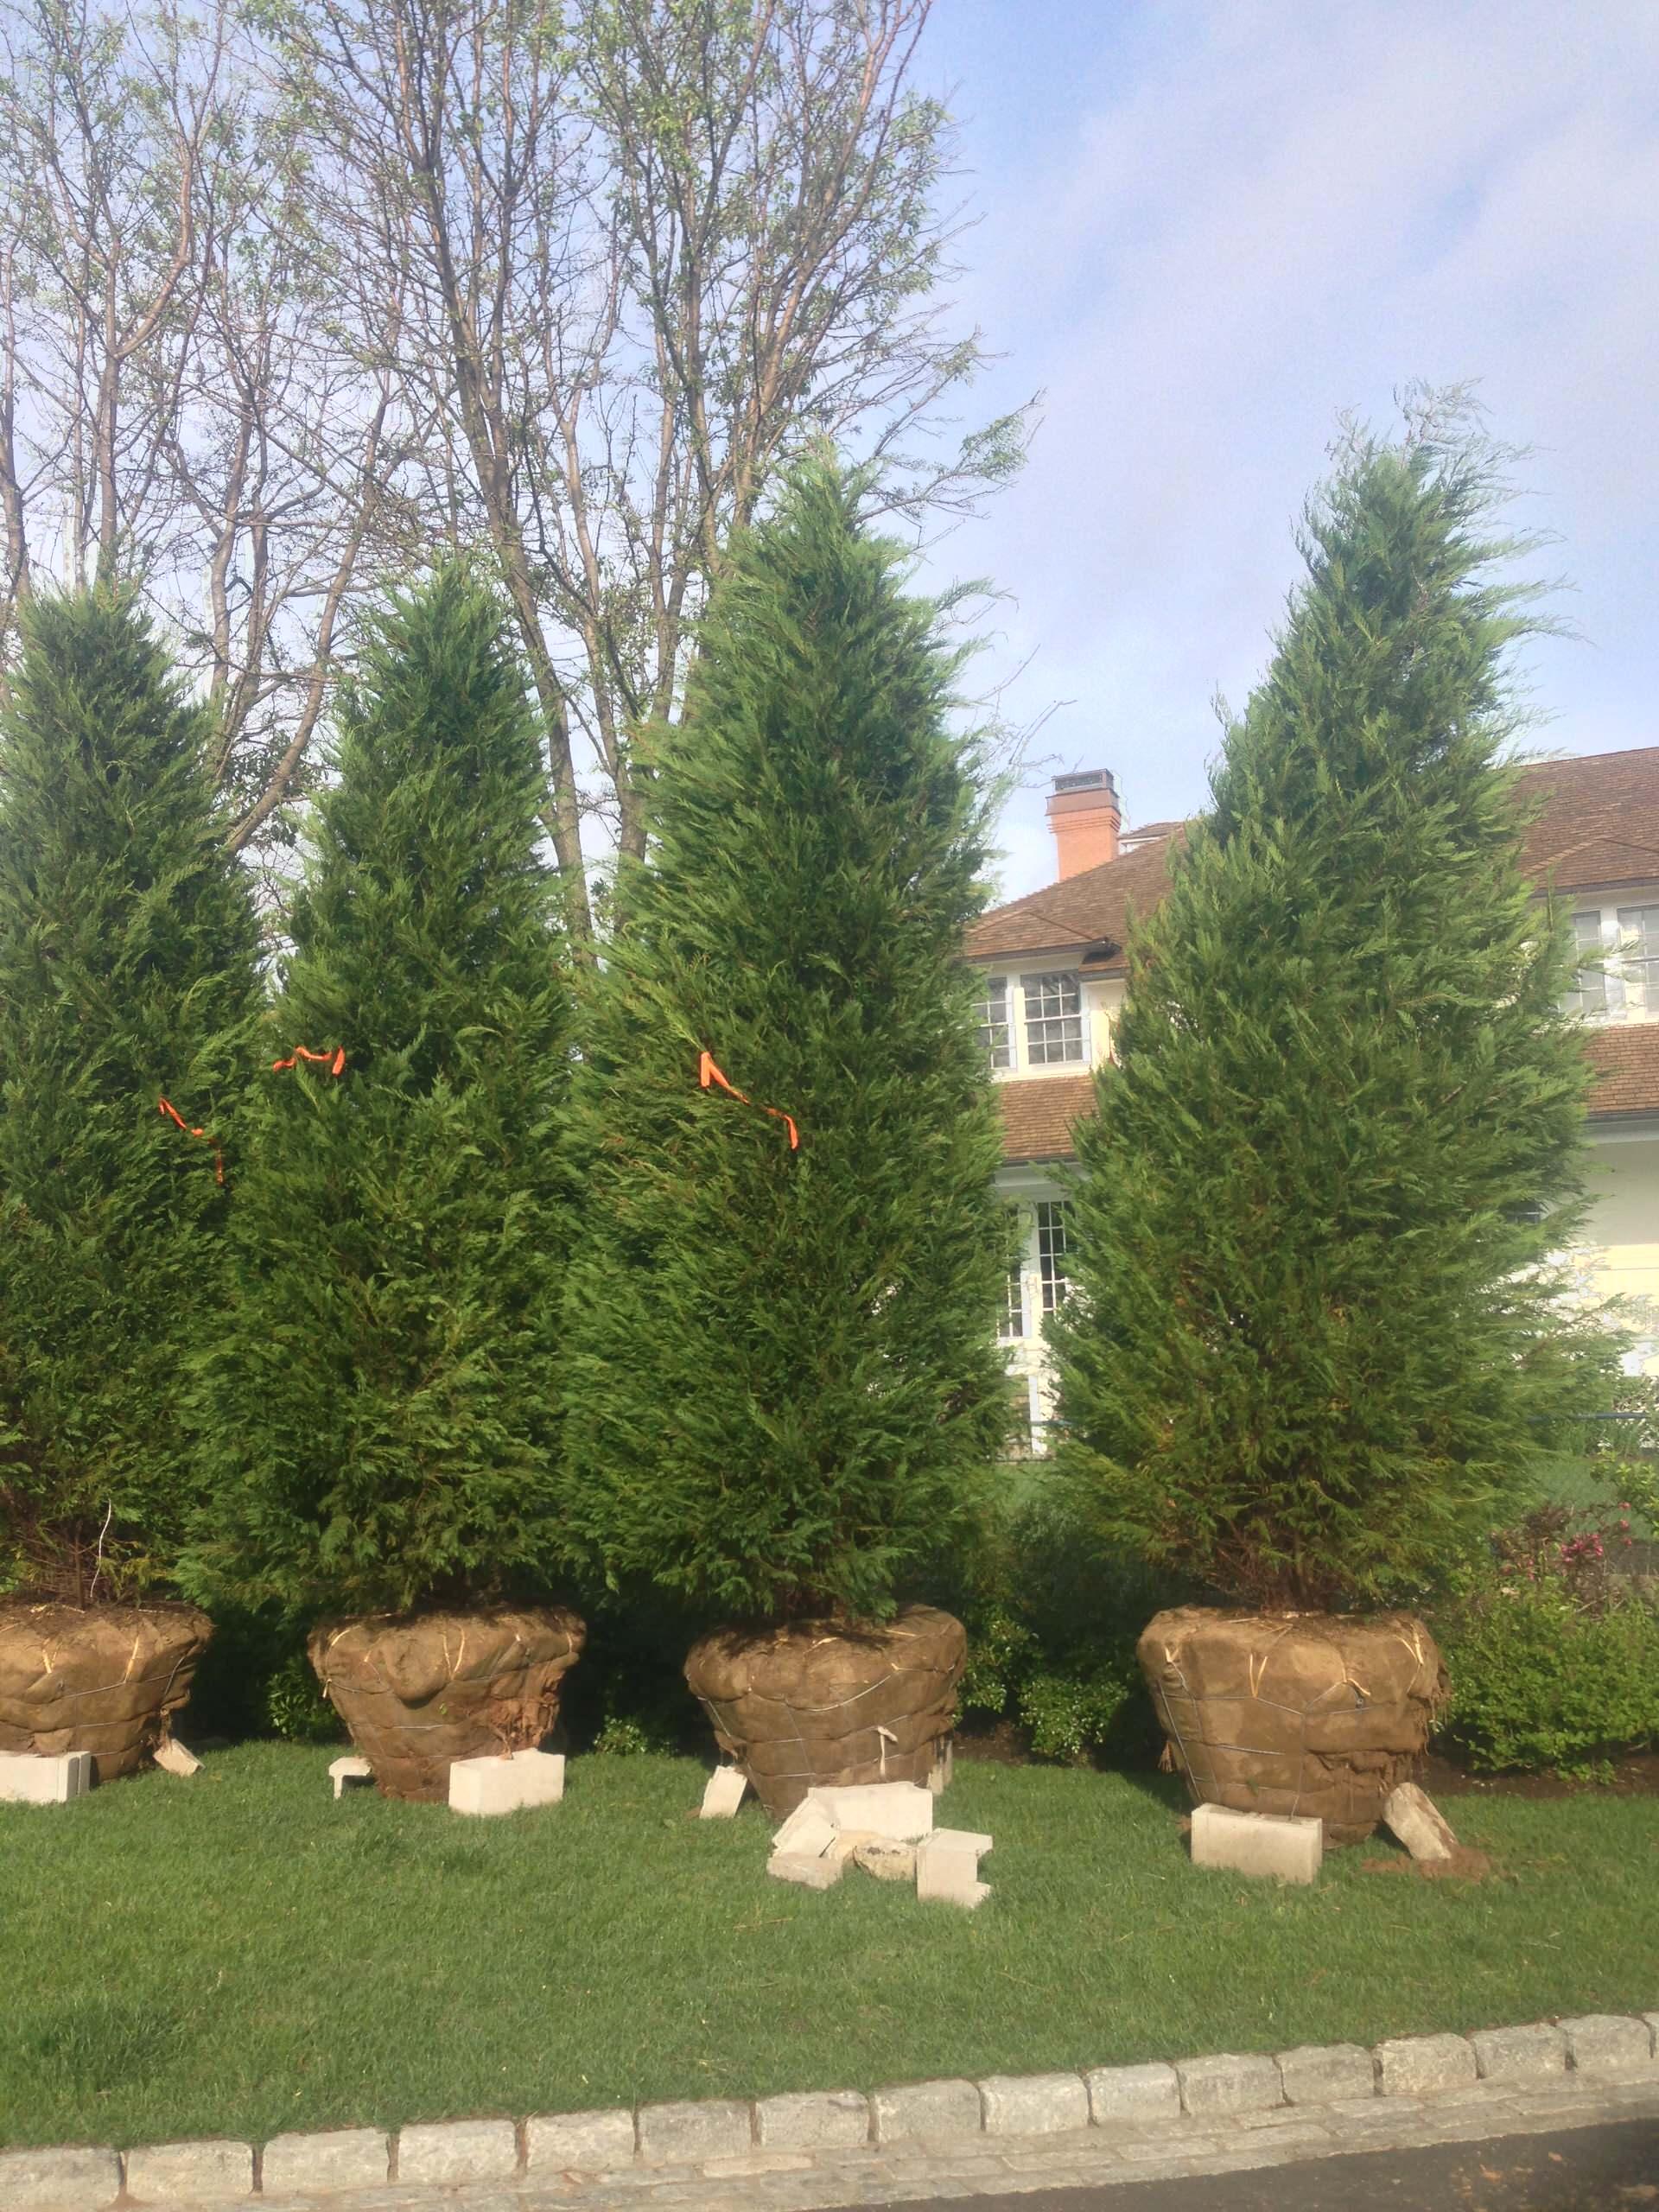 Green Giant Arborvitae for Screening the neighbor